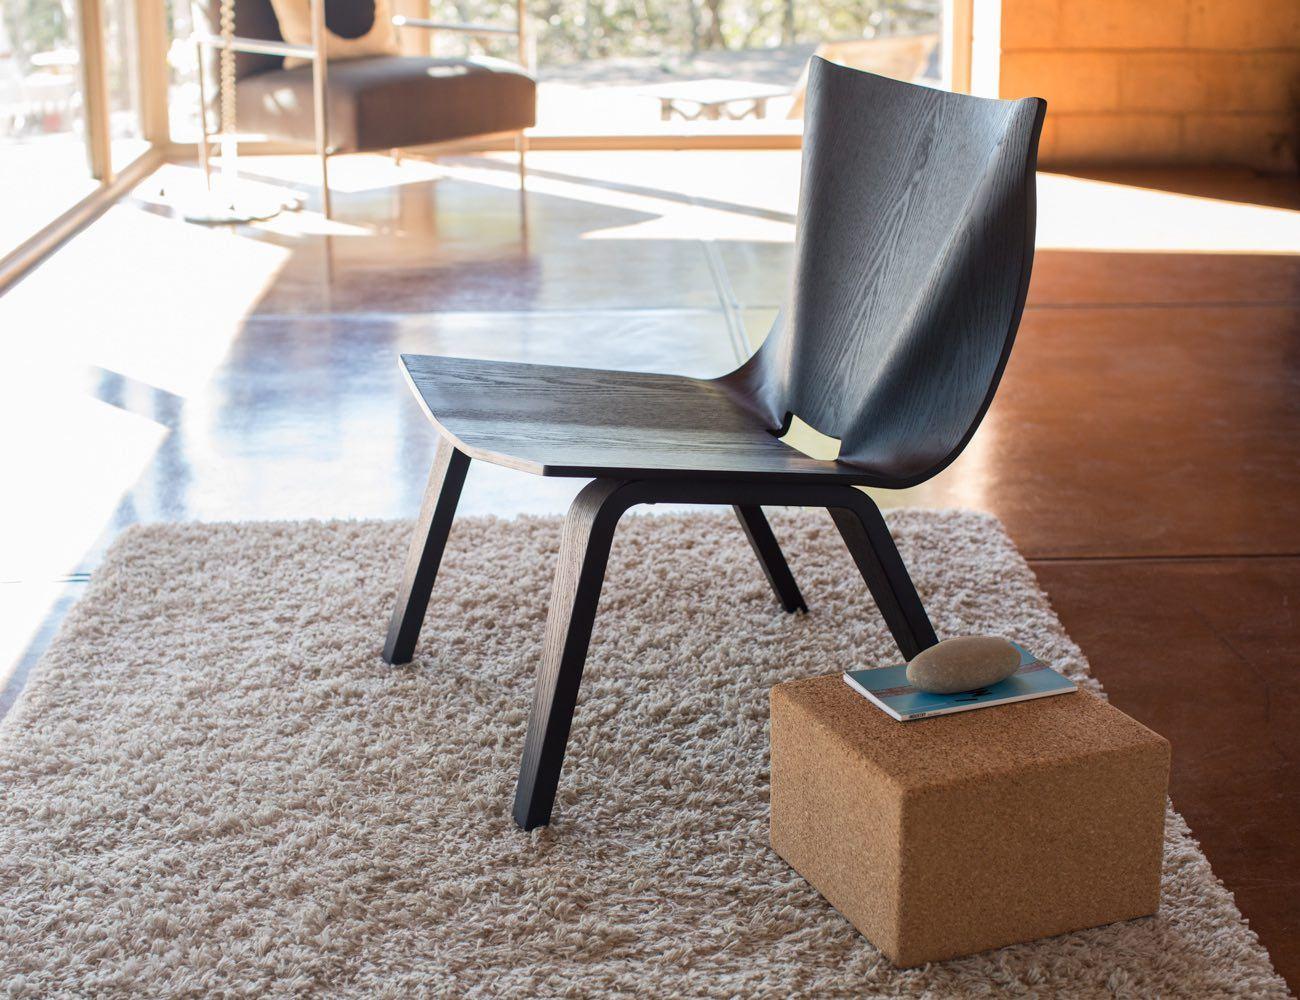 V Easy Chair by Osidea